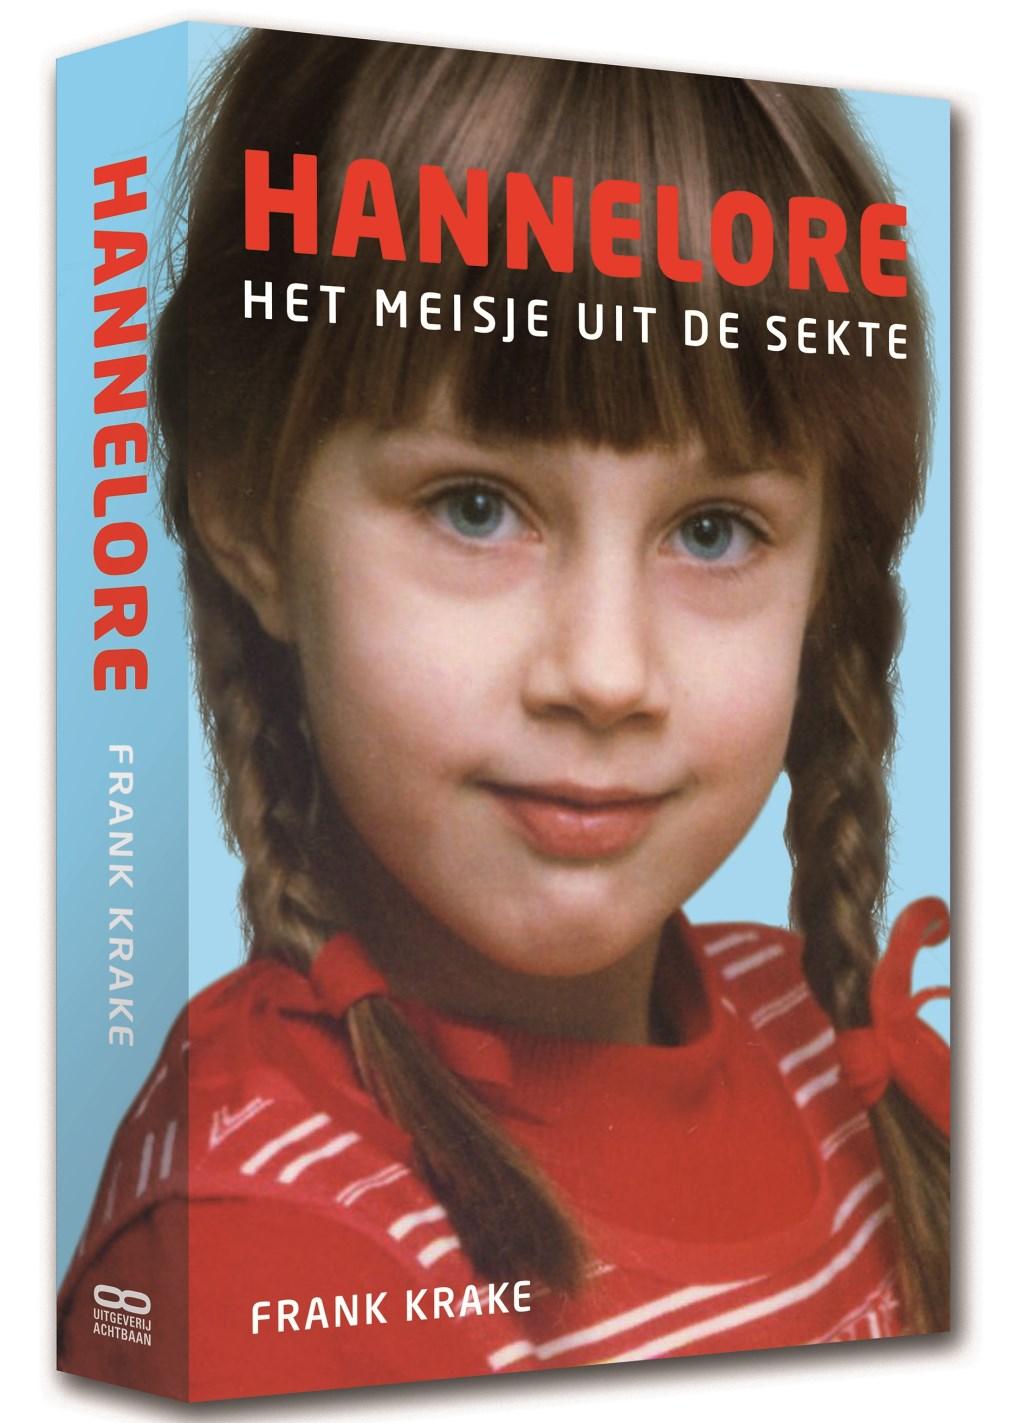 De cover van het boek (uitsnede).  © Baruitgeverij